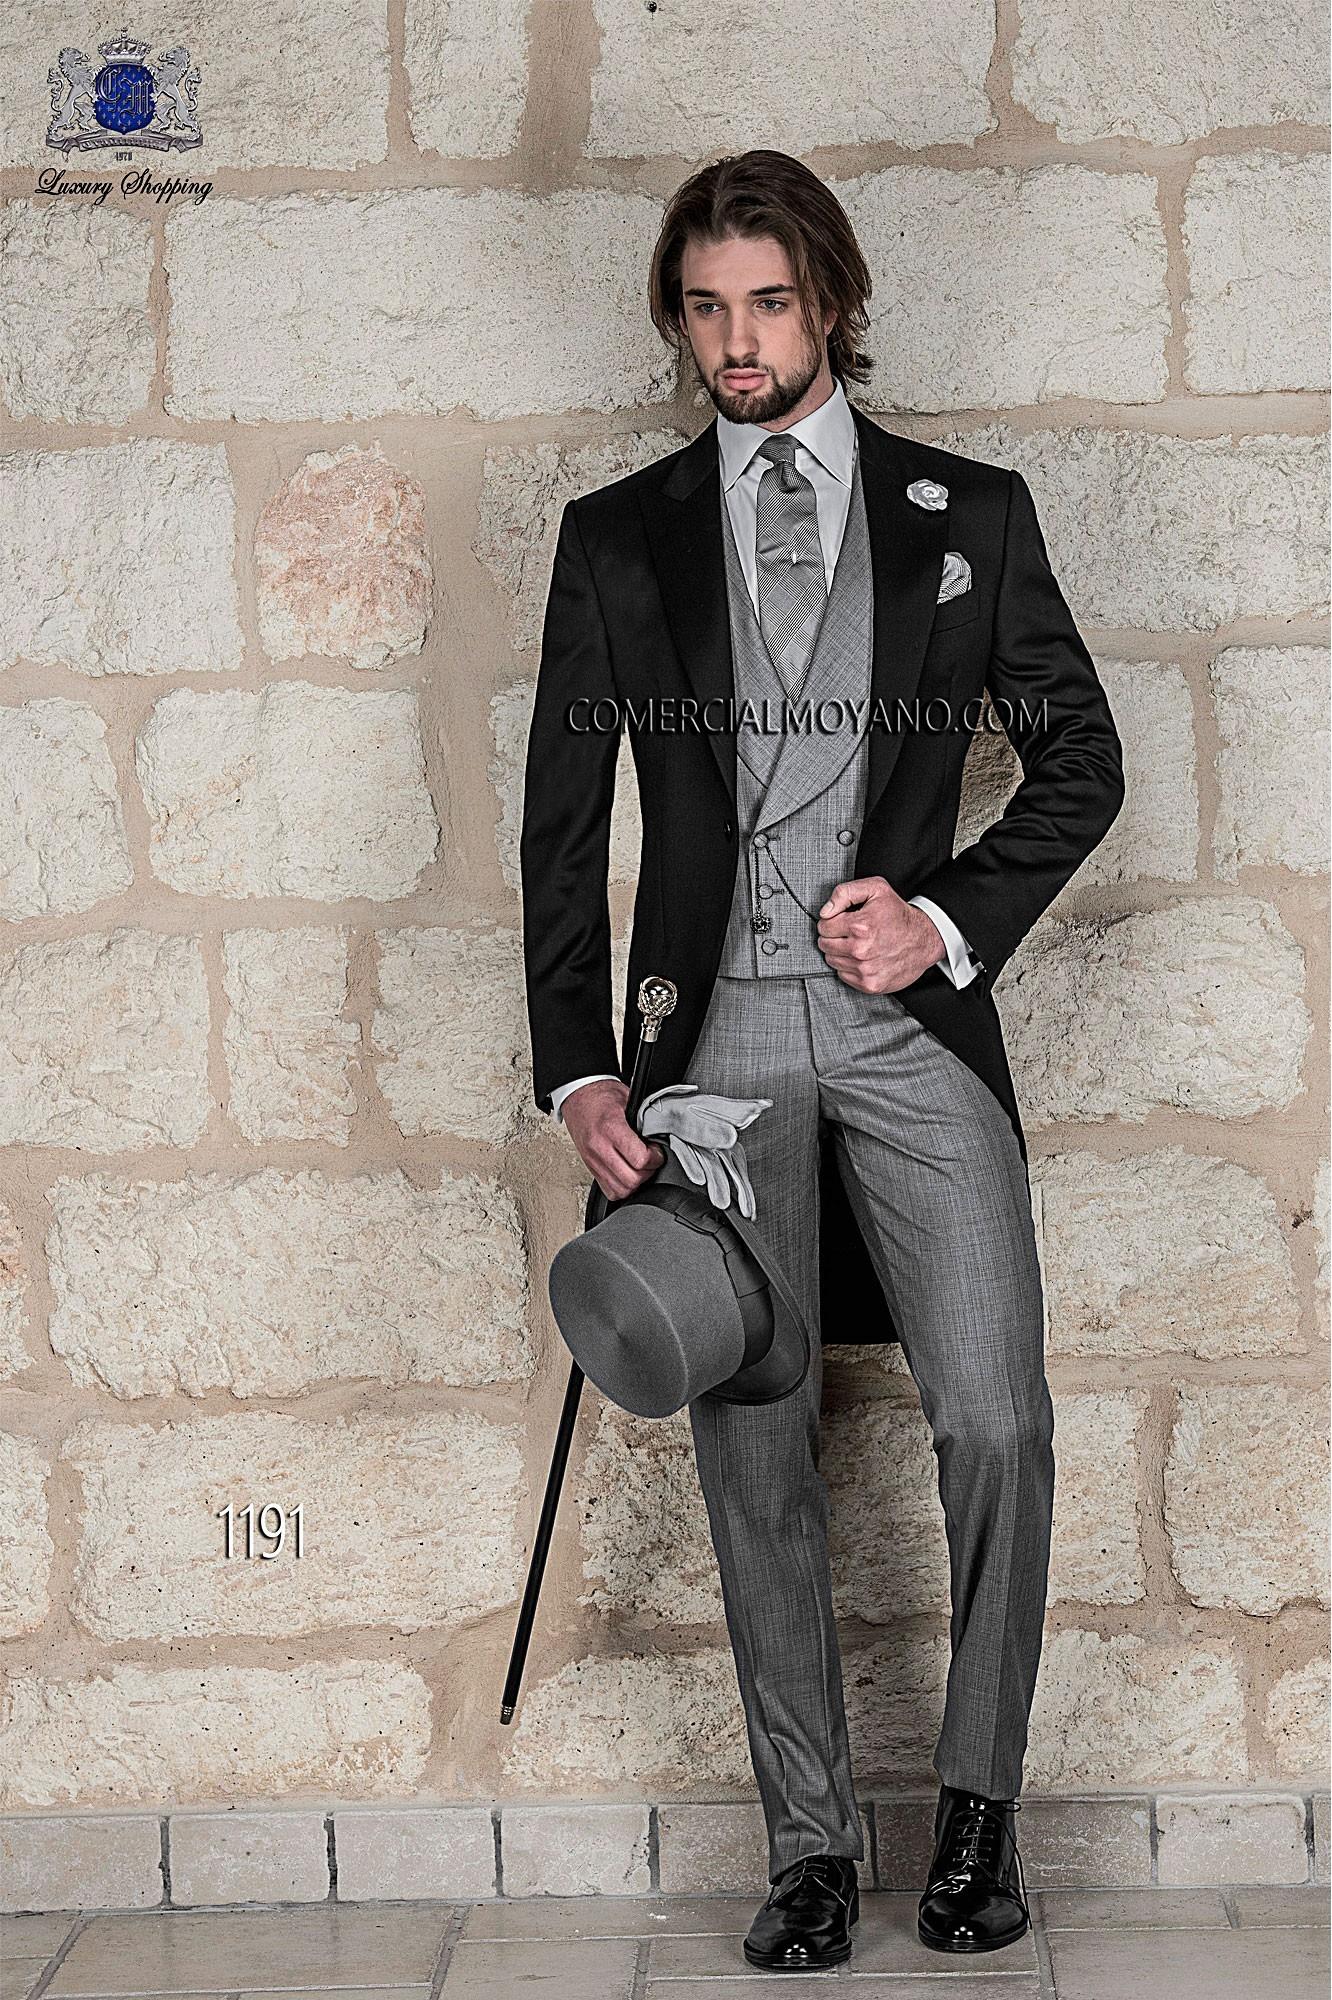 Traje de novio chaqué italiano a medida levita negra, pantalón fil a fil gris modelo 1191 Ottavio Nuccio Gala colección Gentleman 2015.